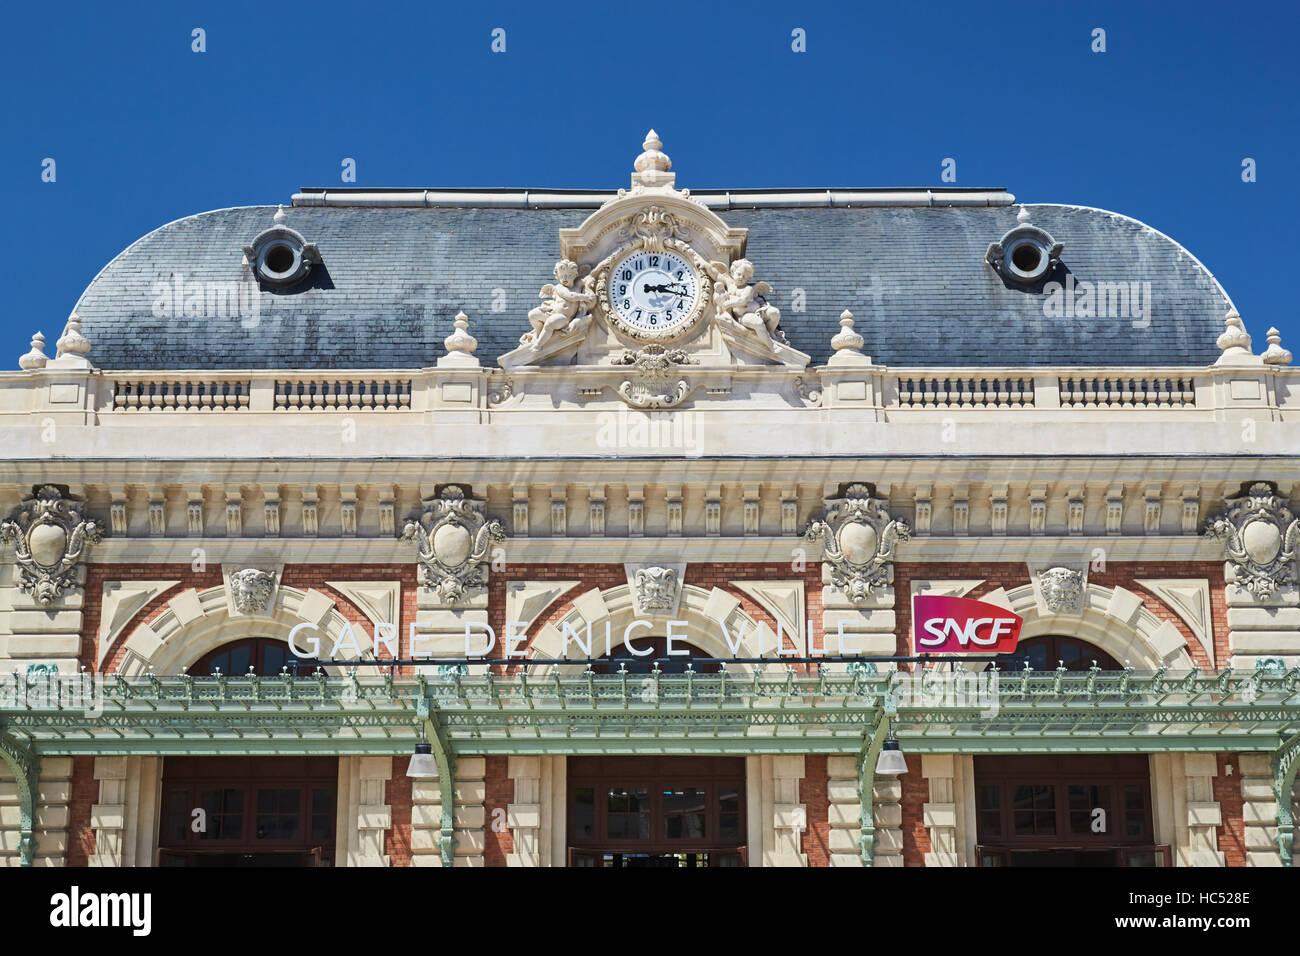 Panorama de la estación de tren en el centro, día soleado, cielo azul, una gran cantidad de turistas, Imagen De Stock